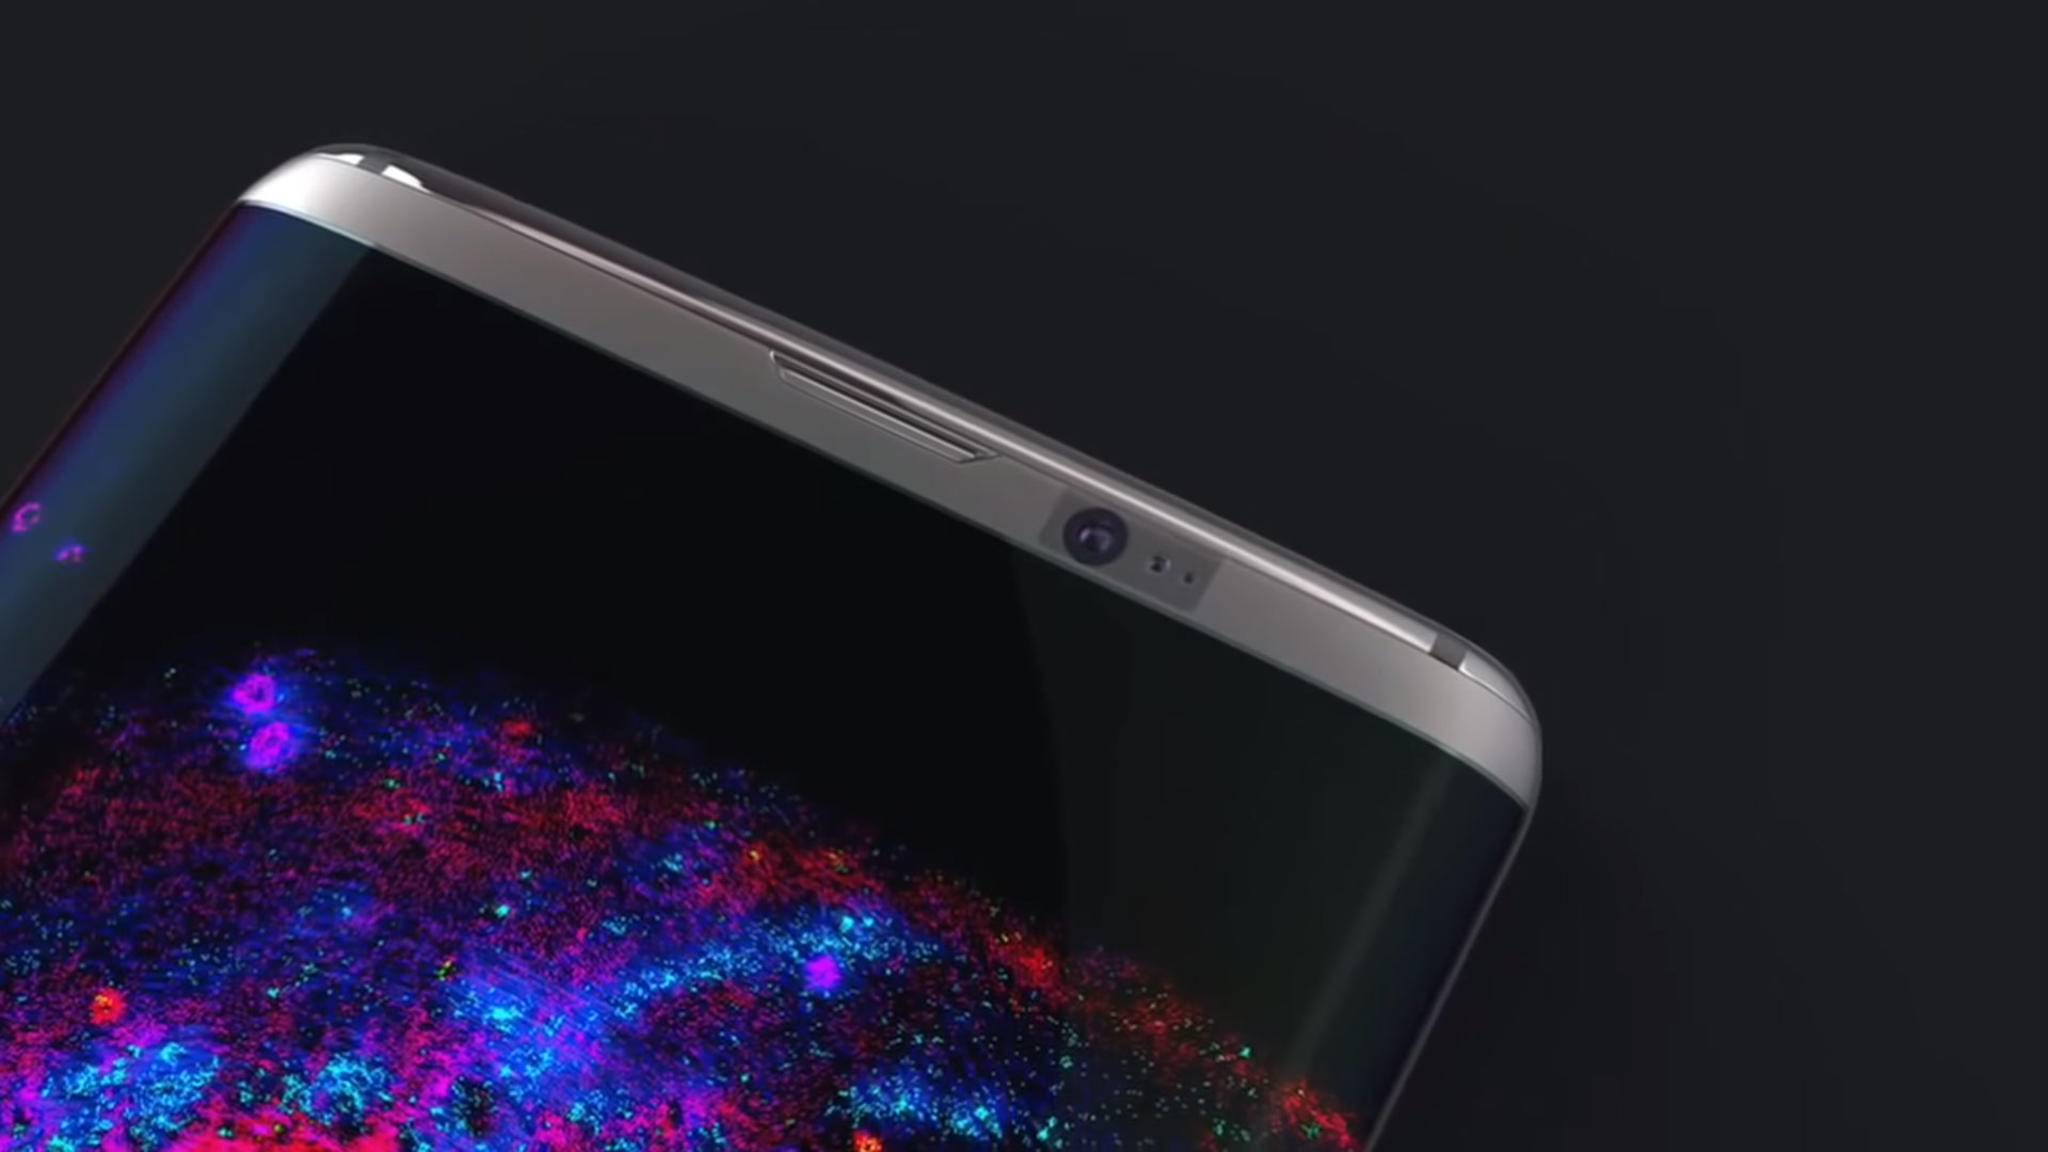 Der Assistent des Galaxy S8 soll auch die Möglichkeiten der Kamera nutzen können.